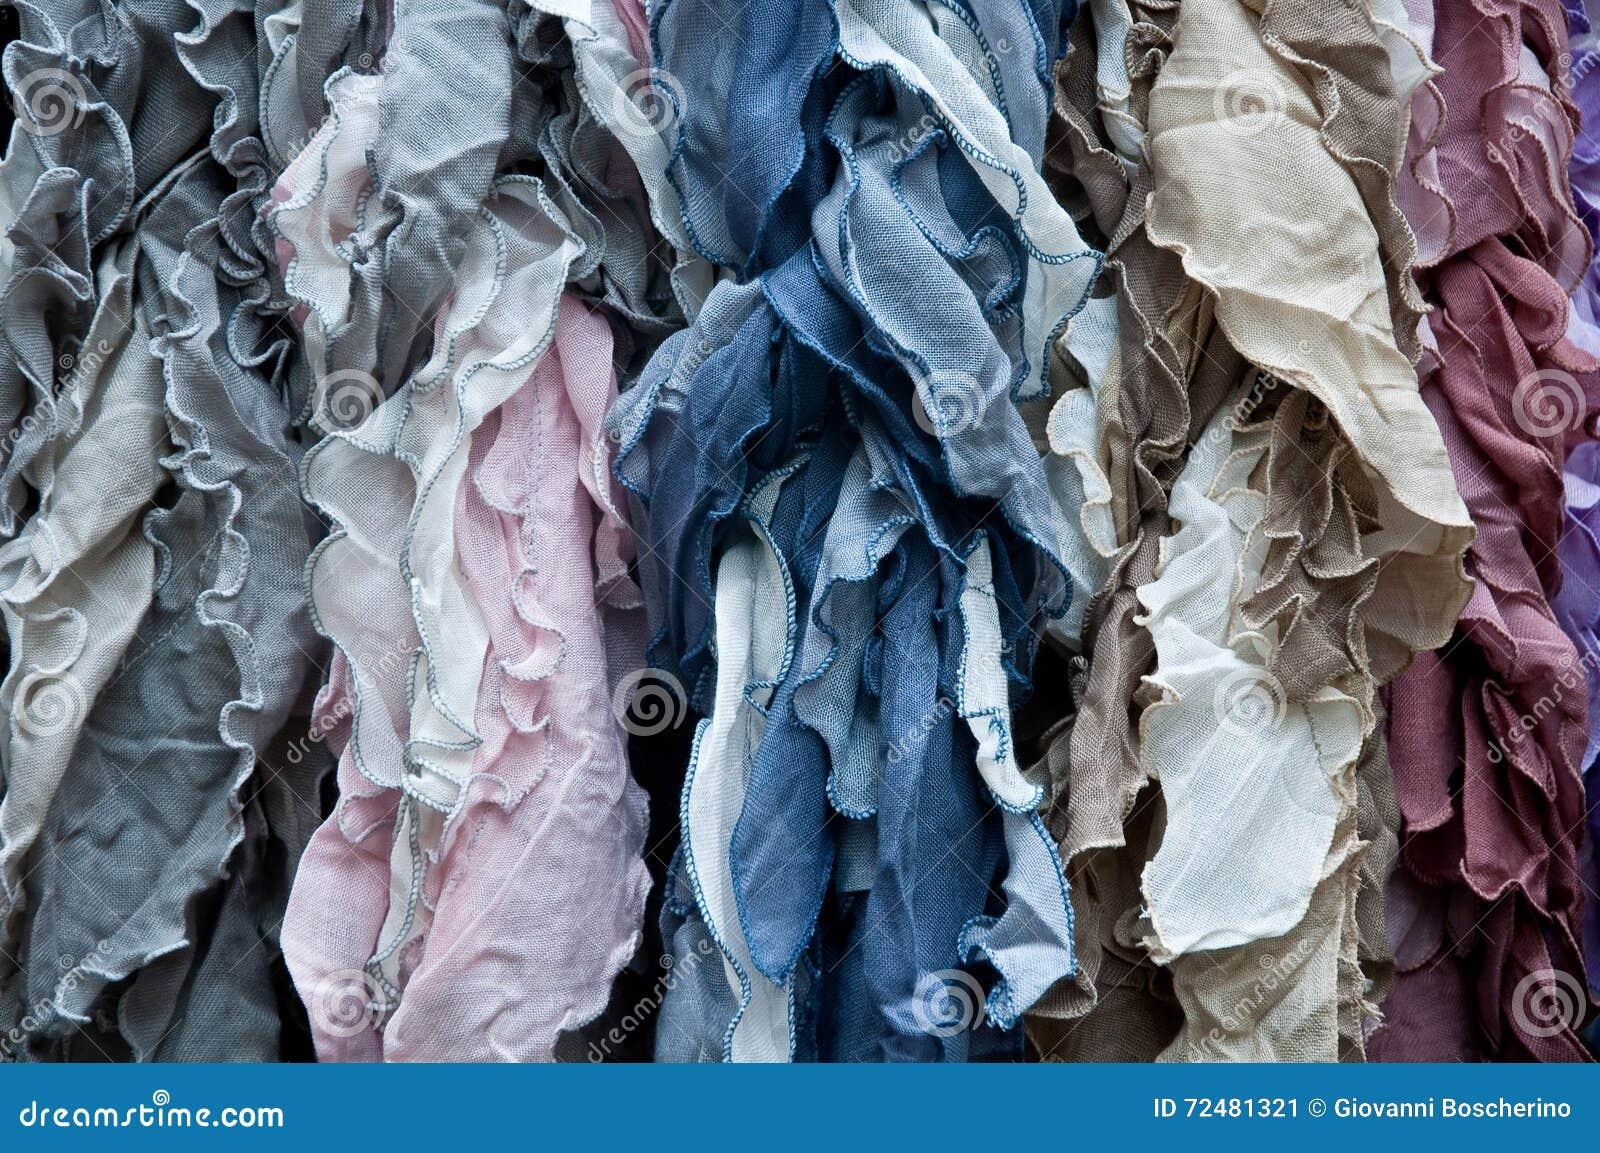 d85f09d81dd5 Groupe De Belles écharpes Colorées En Coton Et Laine Image stock ...